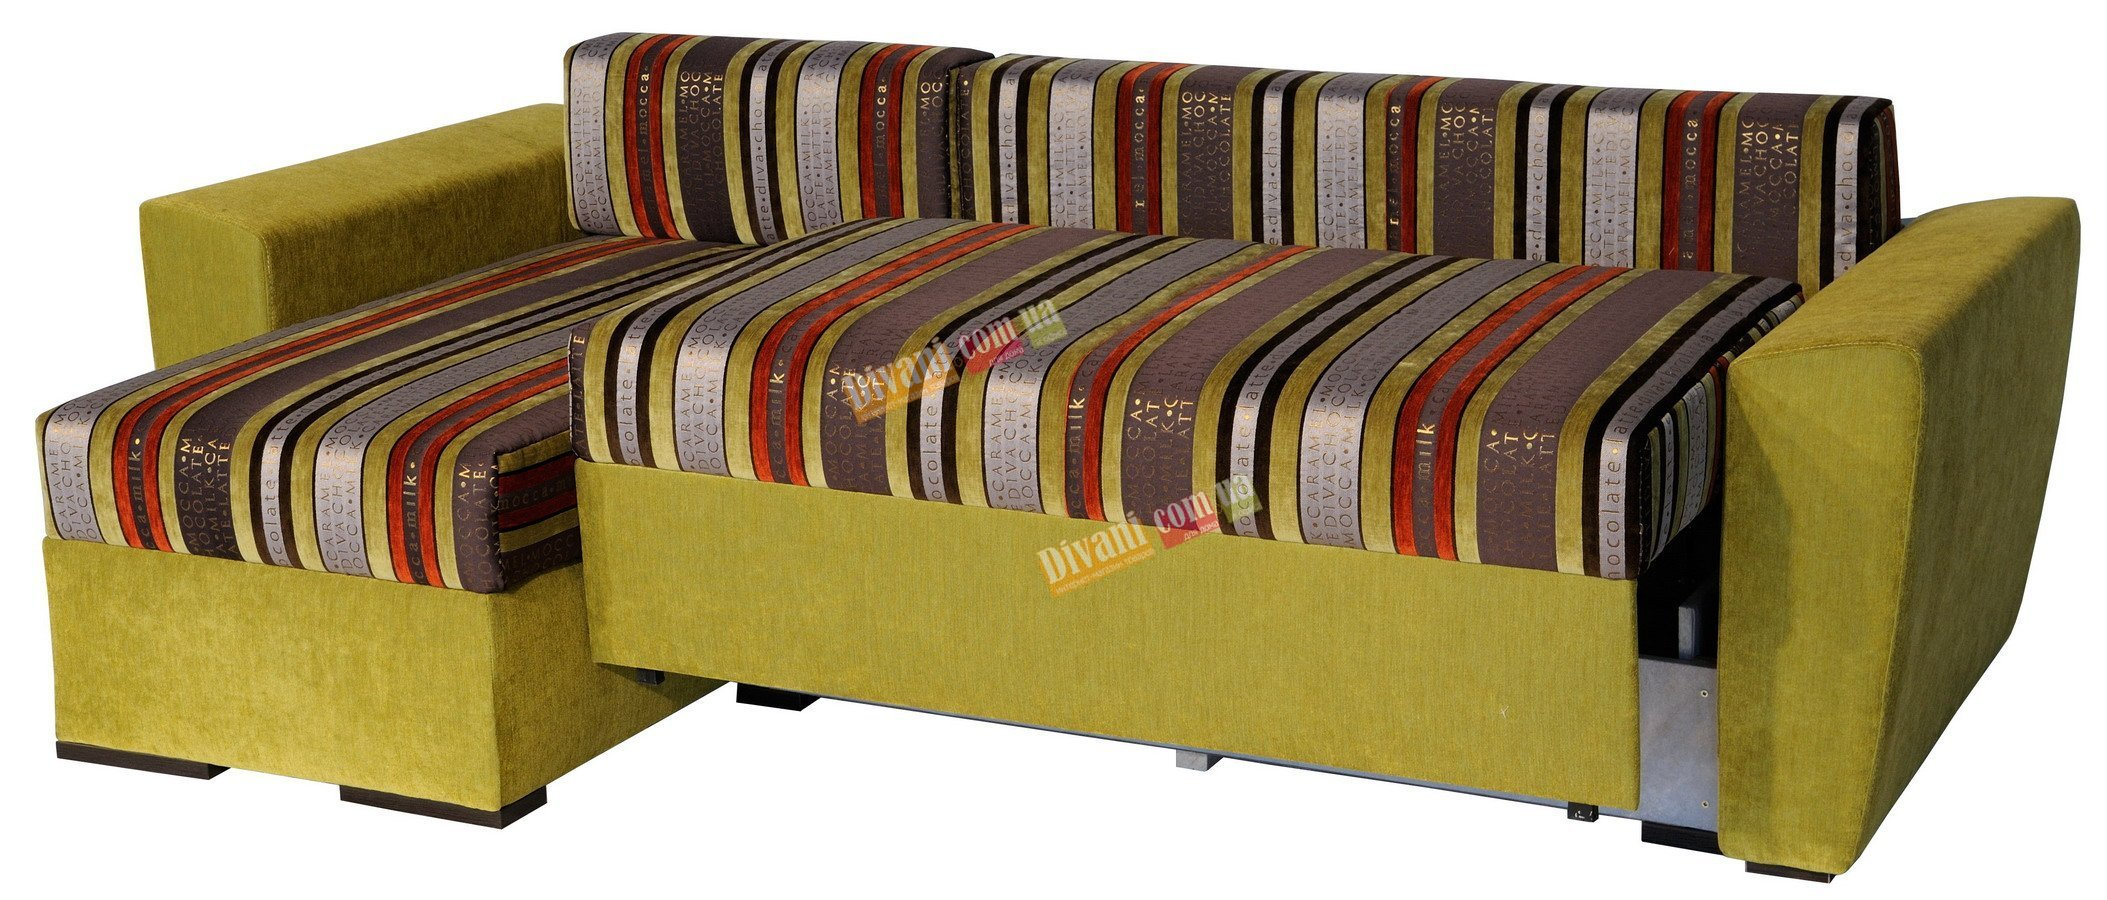 Угловой диван-кровать Arena Polo 22 LUX c кокосовой койрой